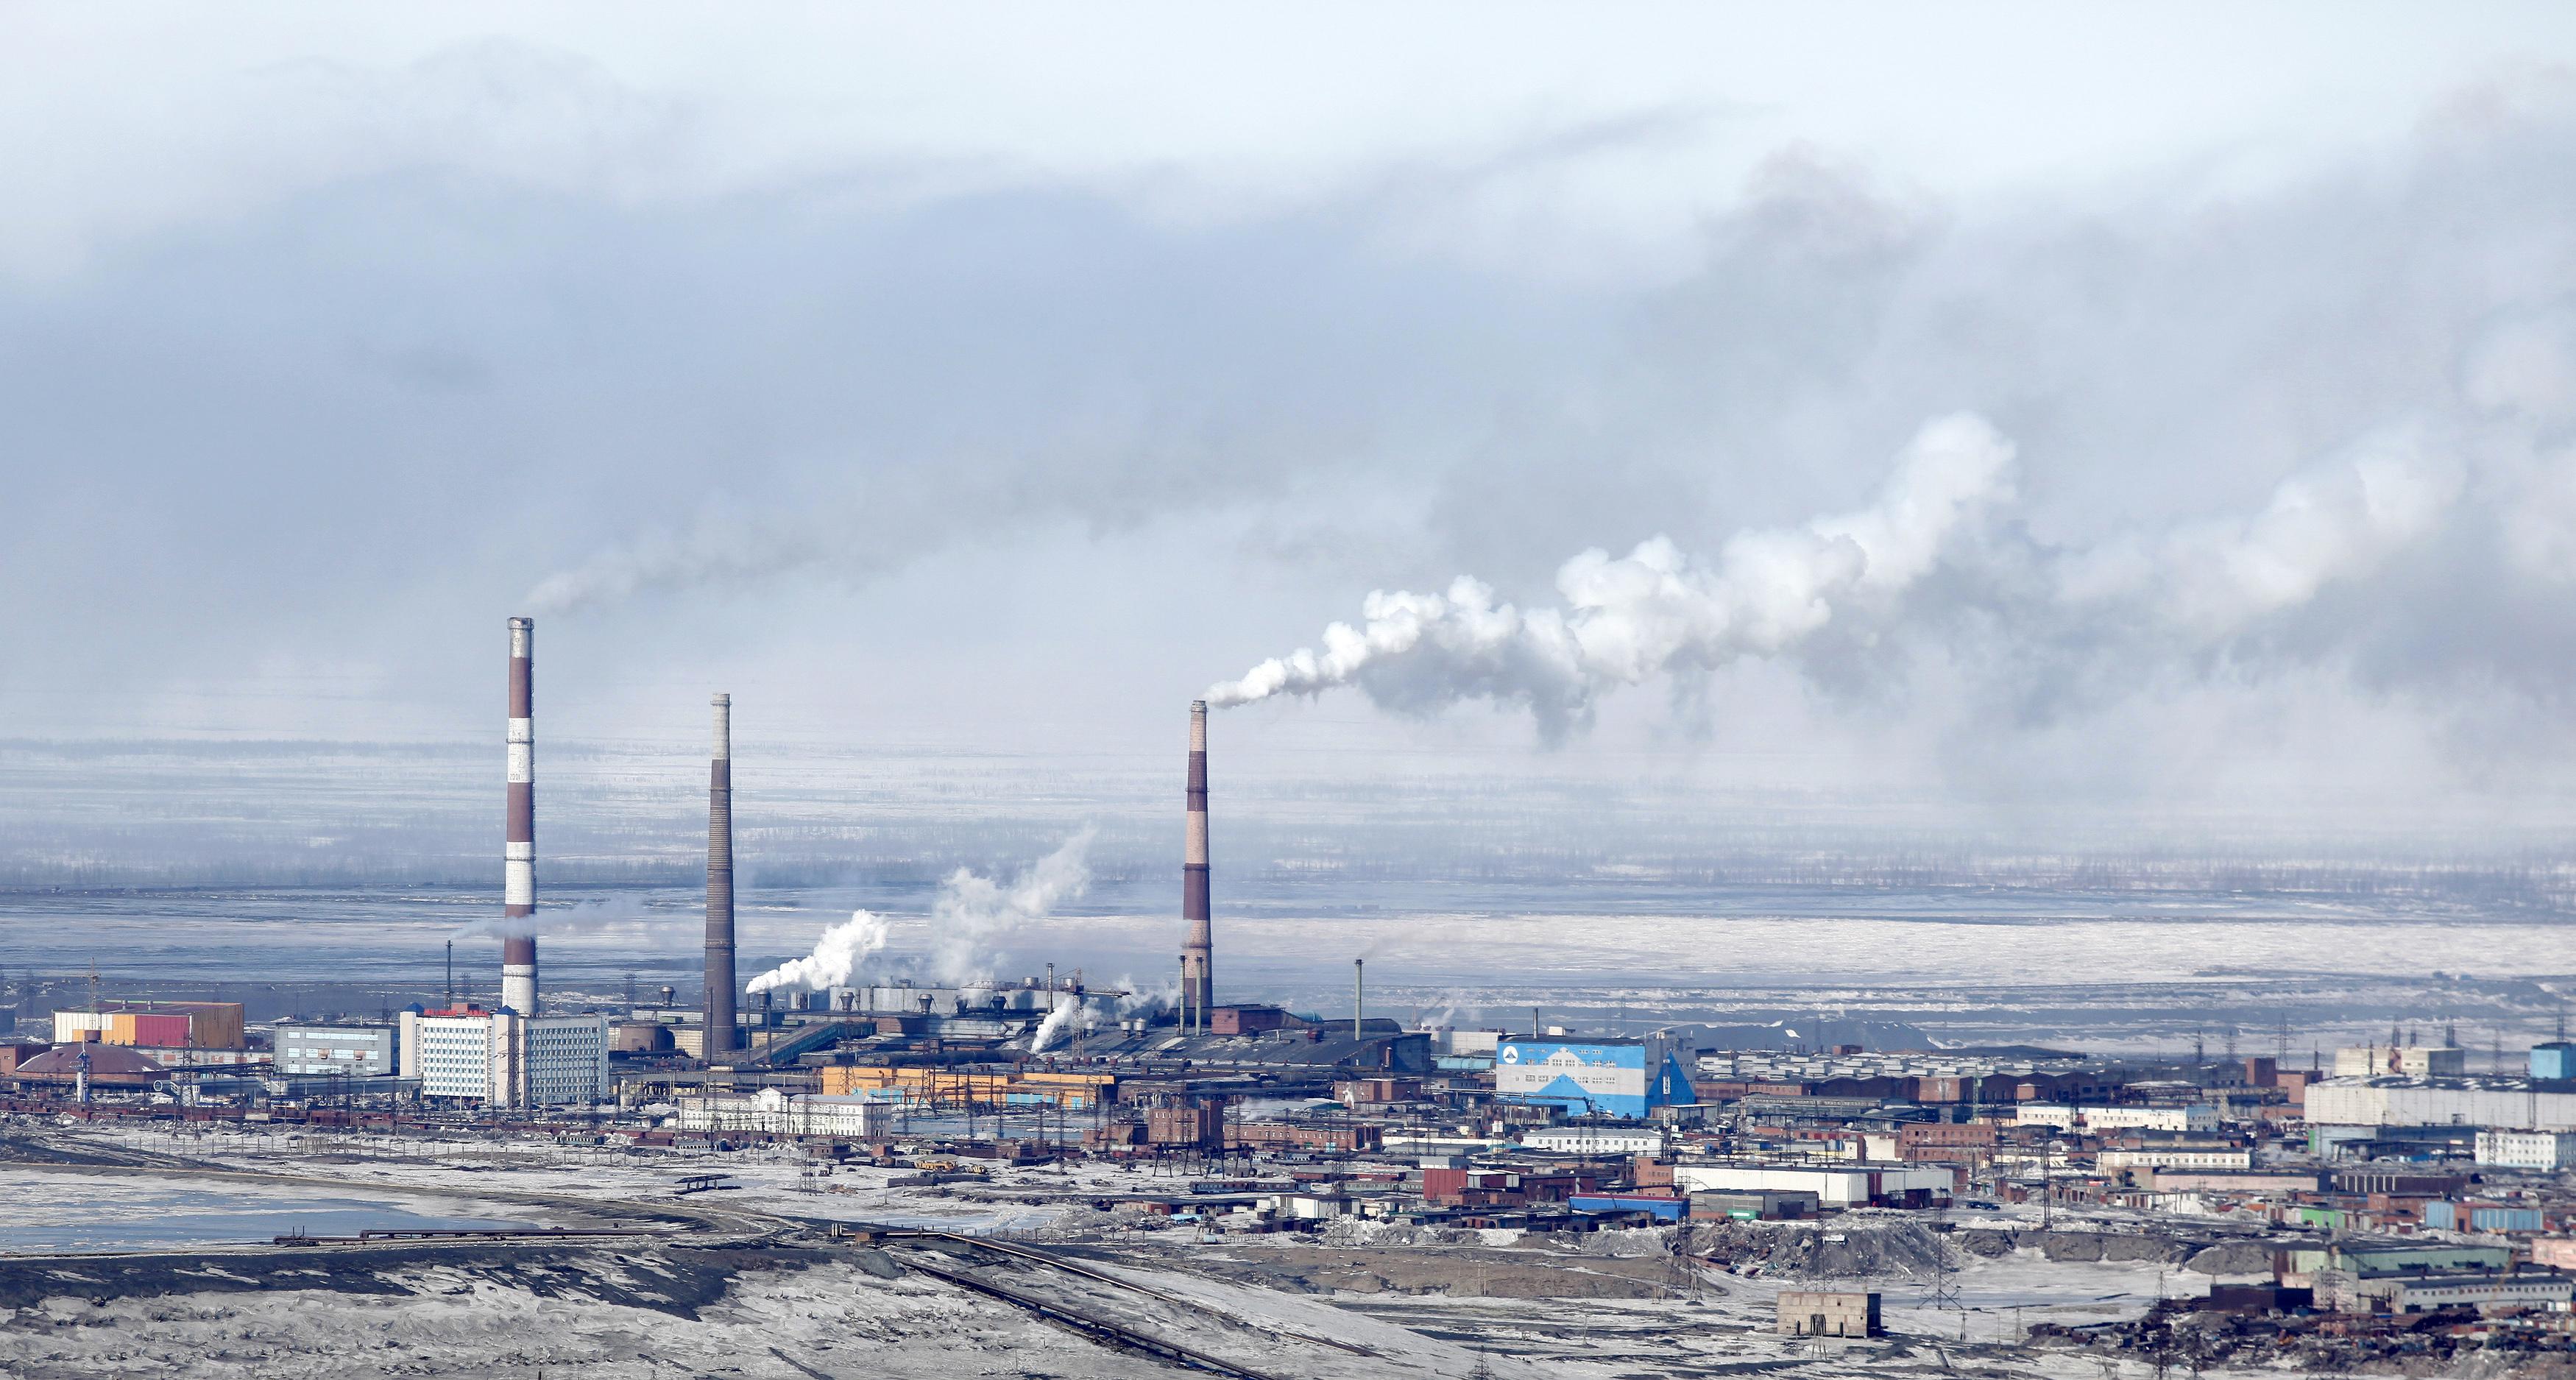 В экологической катастрофе под Норильском обвинили бывшего мэра